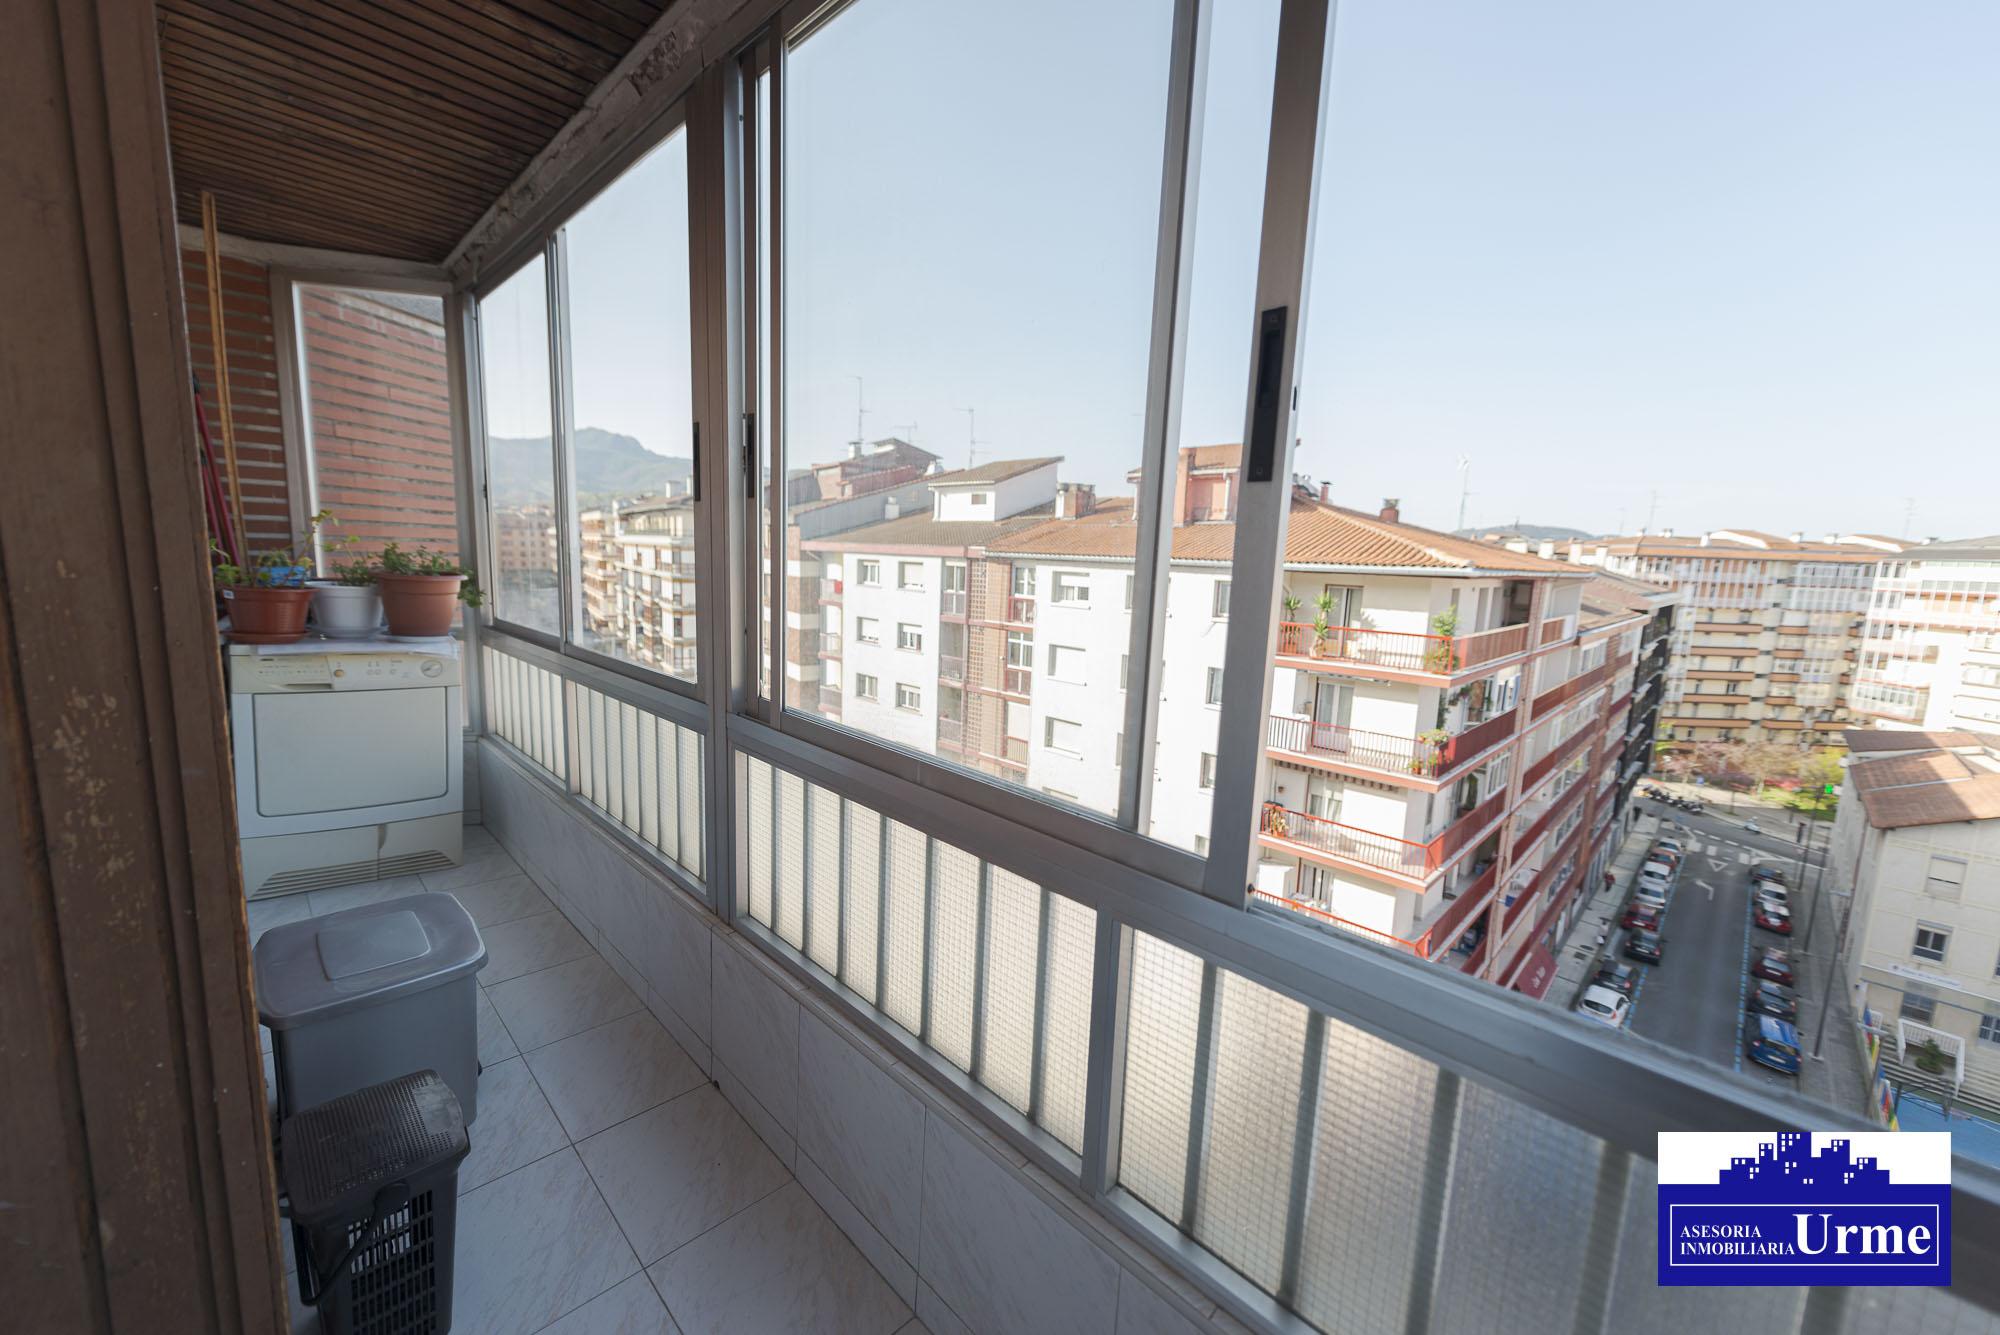 Nuevo precio.Calle Pinar,vivienda ubicada en el 6º planta,vistas despejadas y sol, 3 habitaciones, salon,cocina, baño y balcon.Para entrar.Informate!!!